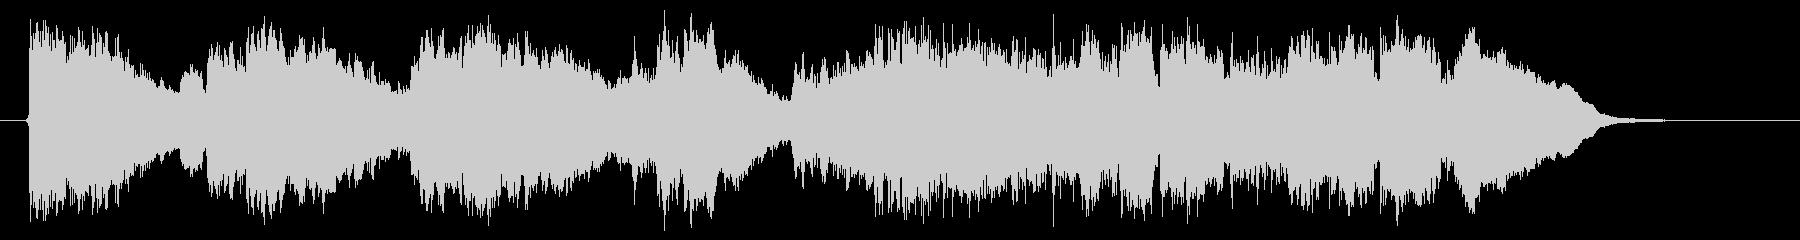 ストリングスが特徴のポップスのジングルの未再生の波形